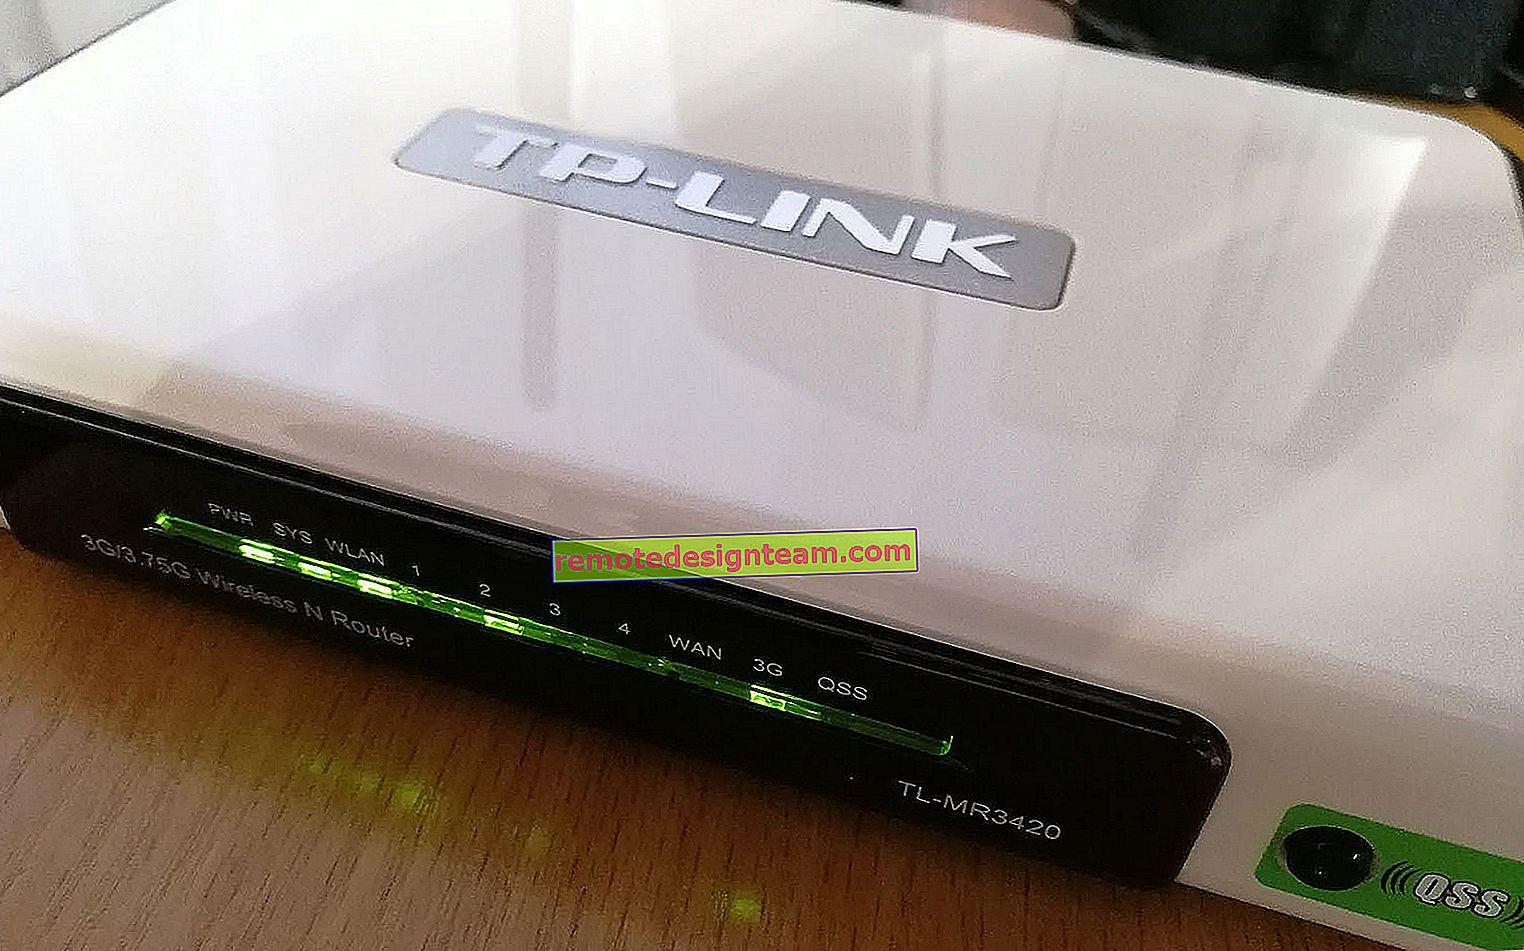 คำแนะนำสำหรับการตั้งค่าเราเตอร์มือถือ TP-LINK M5250